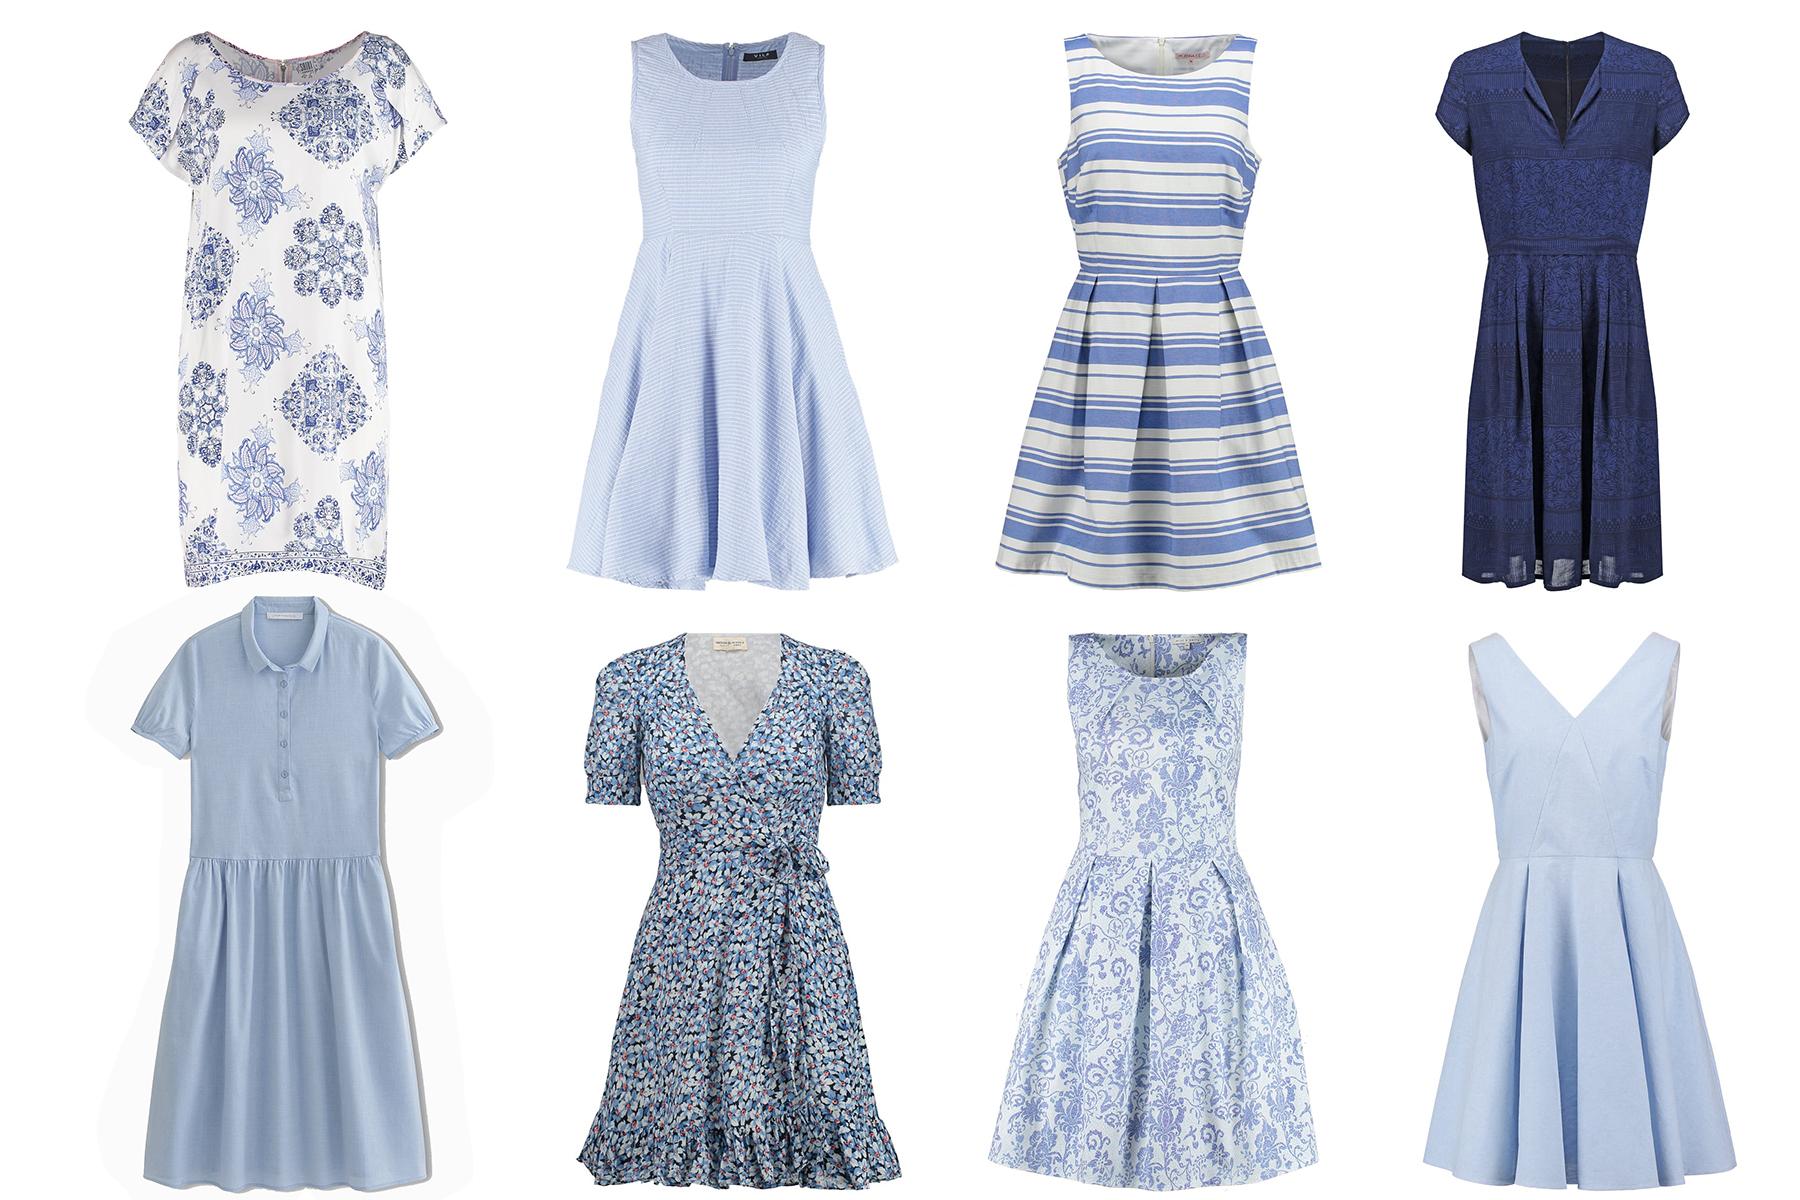 6ef0a2f997 Wiosenne sukienki - przewodnik zakupowy - Joanna Glogaza